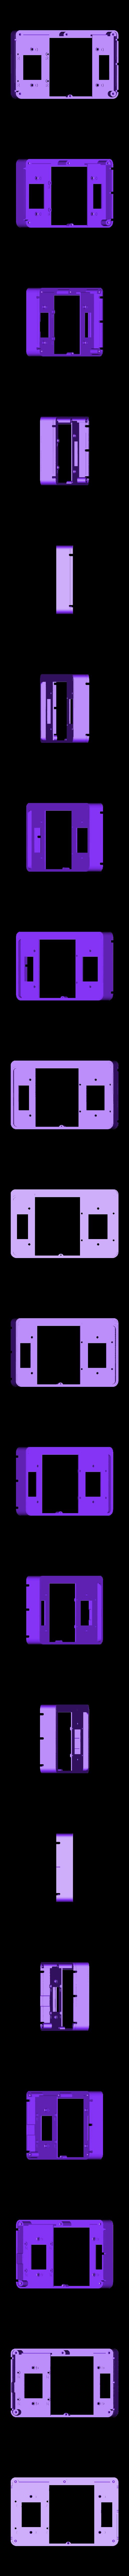 ms_base_no_logo.stl Télécharger fichier STL gratuit Présentoir Raspberry Pi • Design pour imprimante 3D, marigu